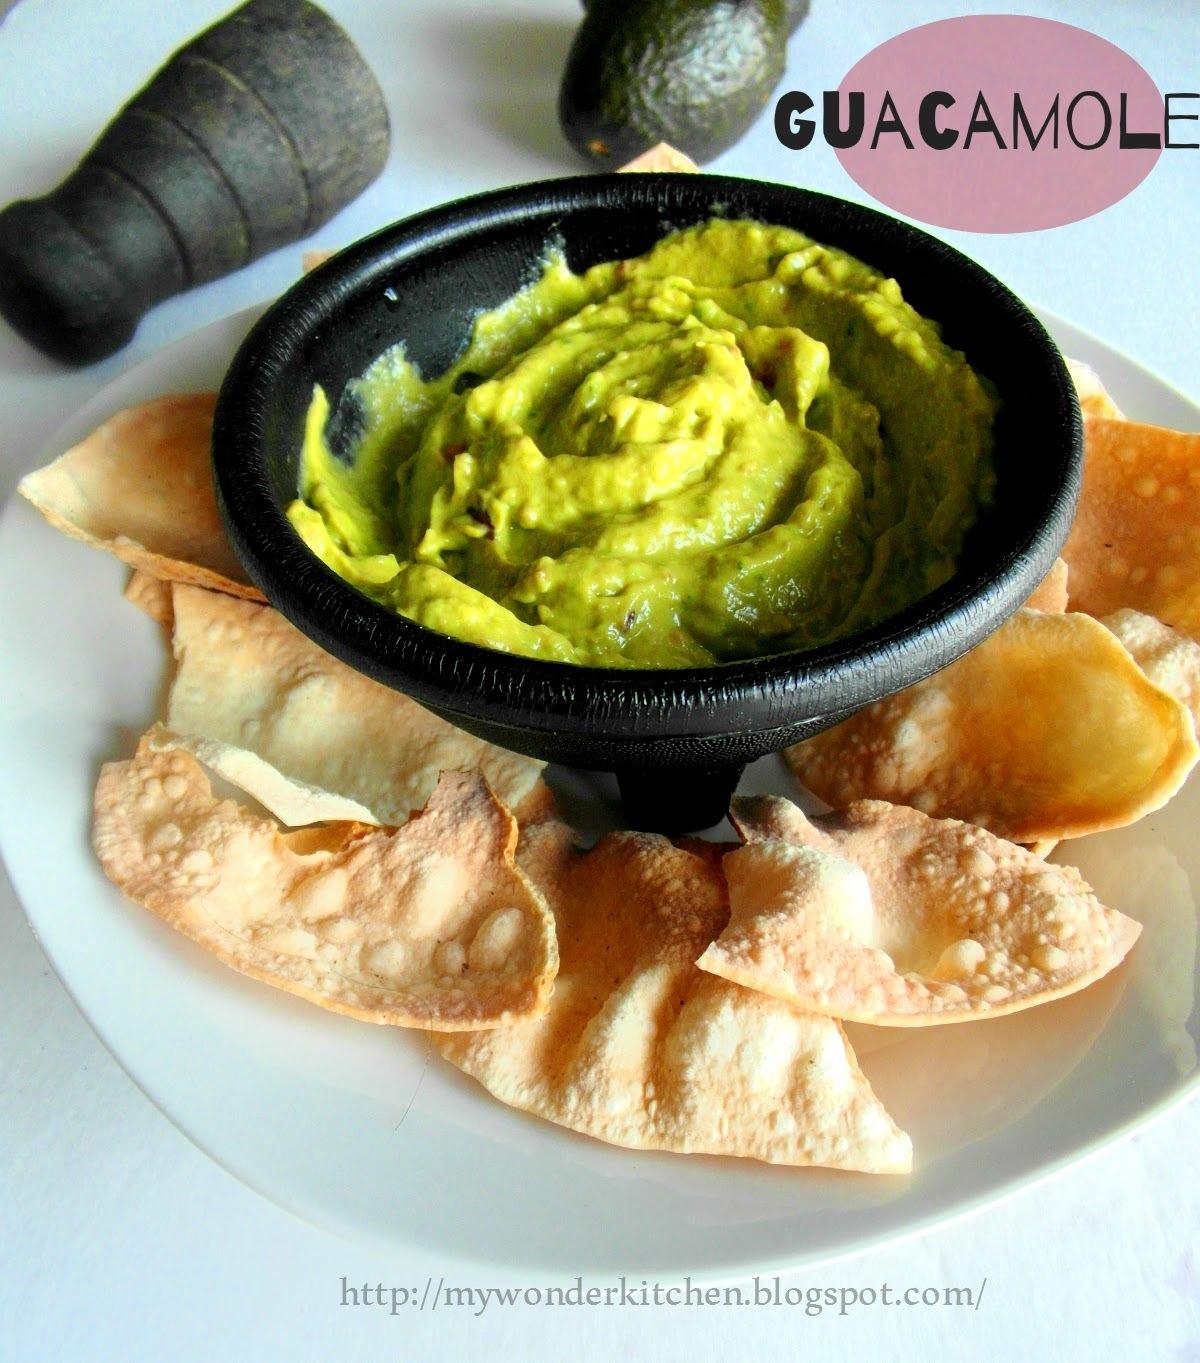 Guacamole - An Avocado dip |Mexican cuisine